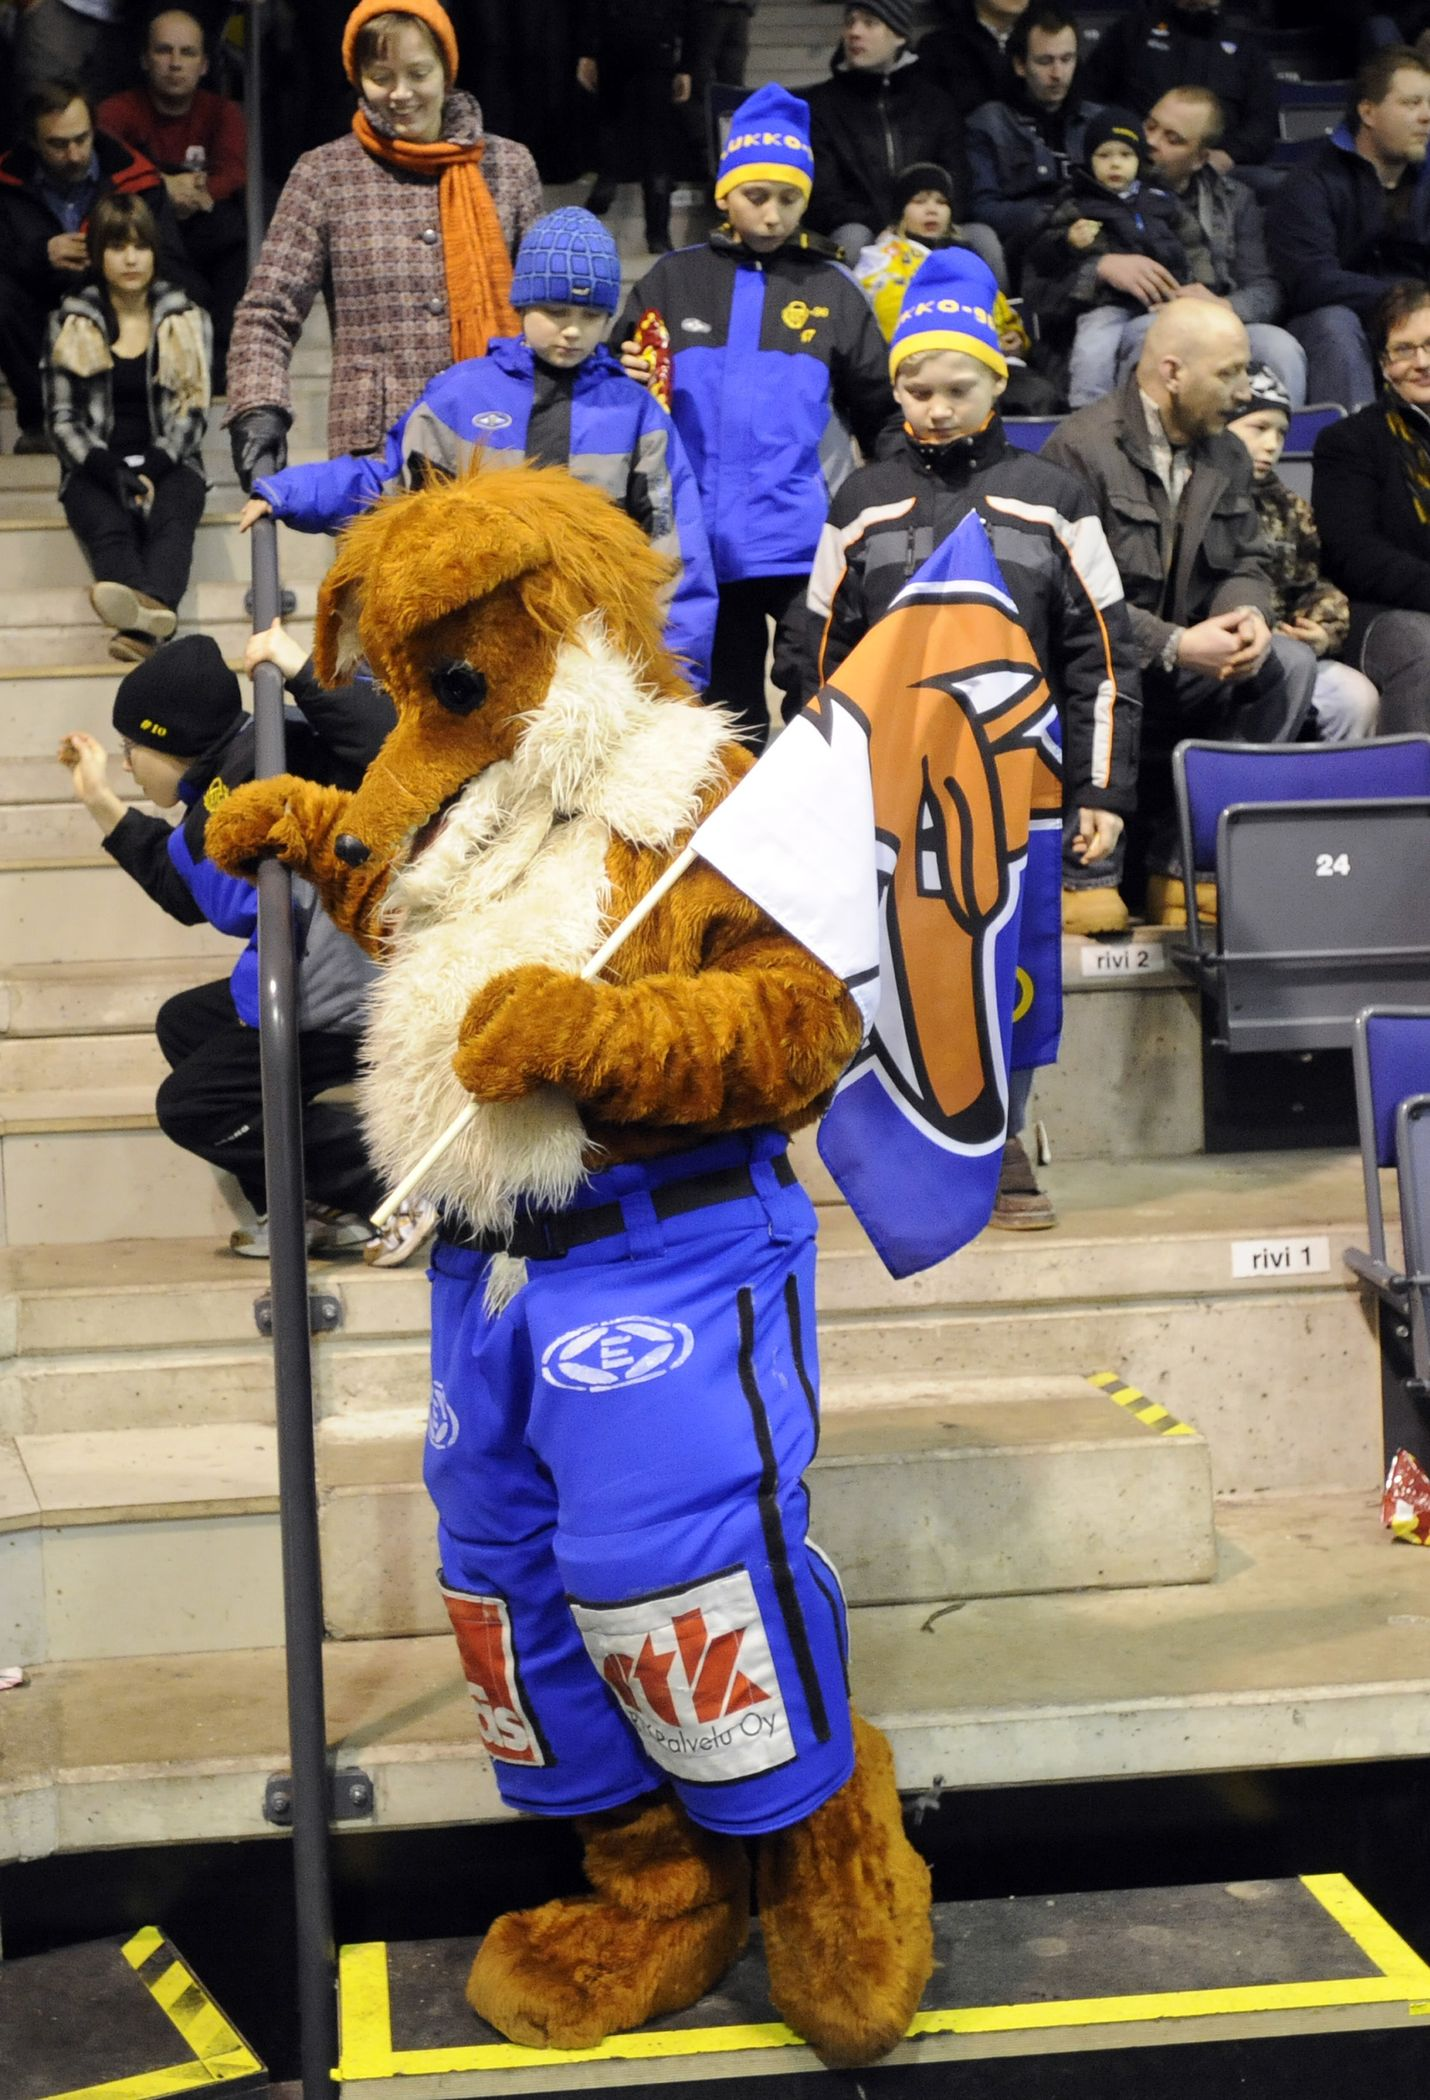 Joulukuussa 2008 Eetu-kettu piti Lukon lippua korkealla hieman nykyistä paksummassa turkissa. Kuva: Pekka Lehmuskallio